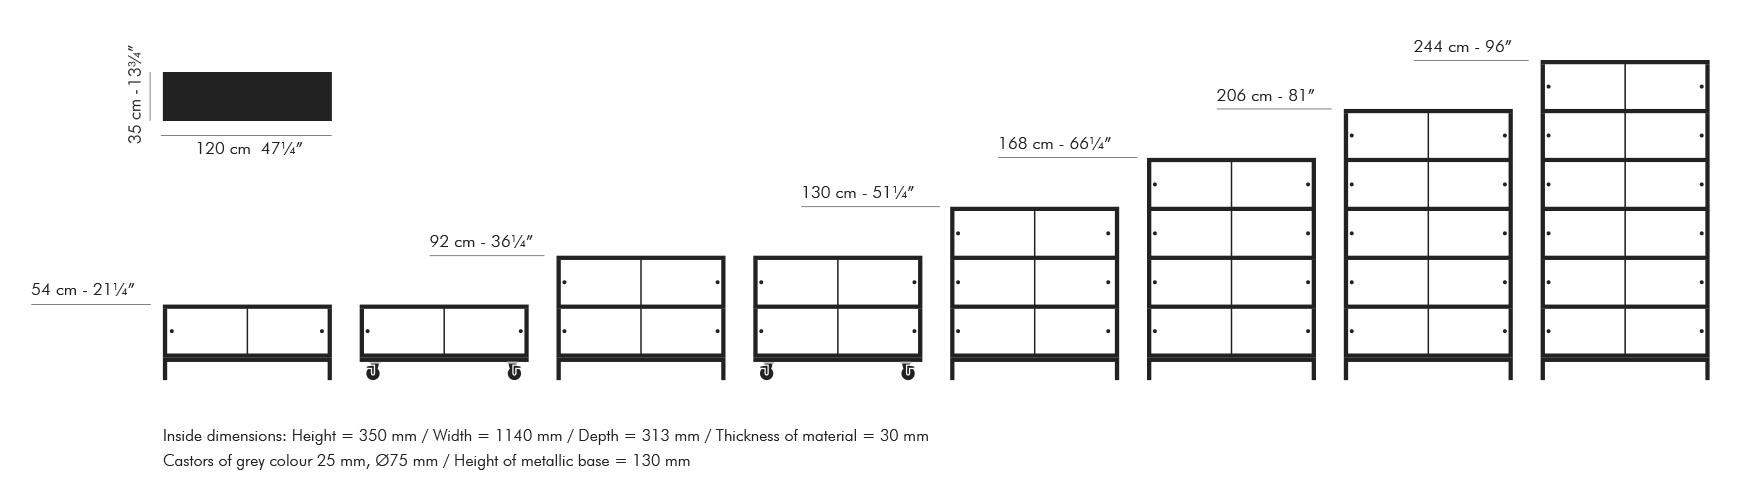 stua-dimensions-sapporo